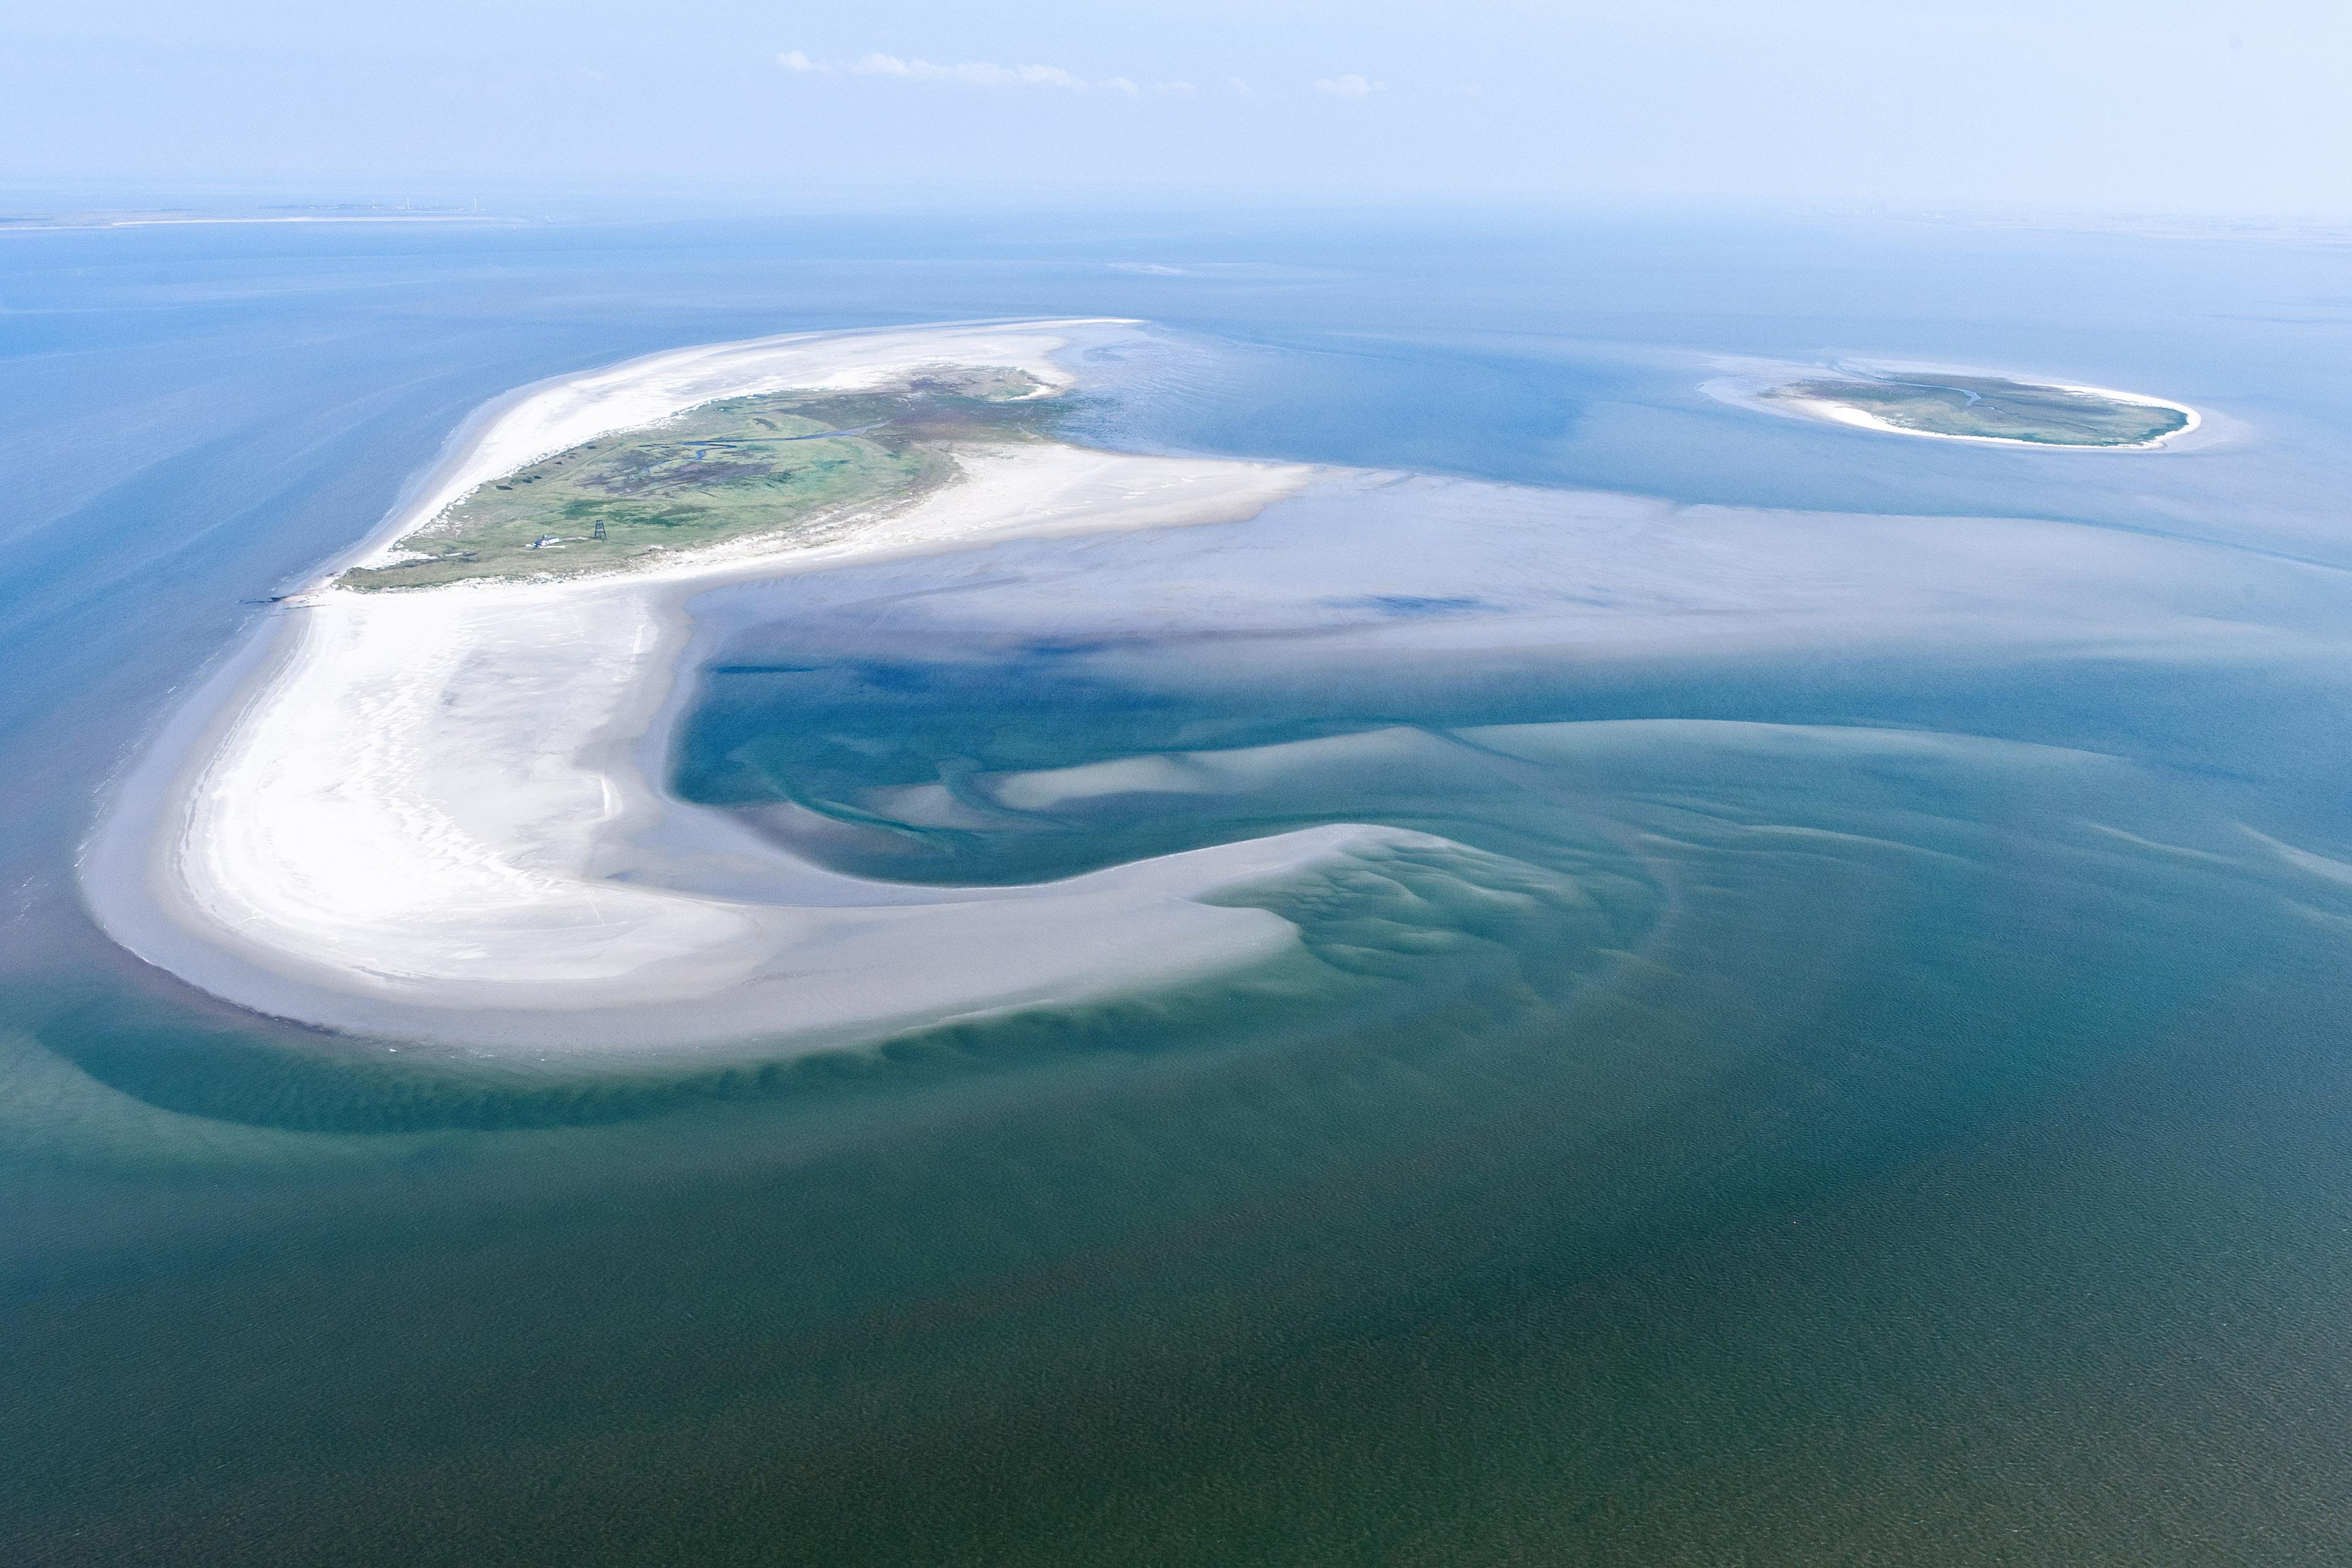 Nabije omgeving van Rottumeroog. Foto: Joop van Houdt, Rijkswaterstaat